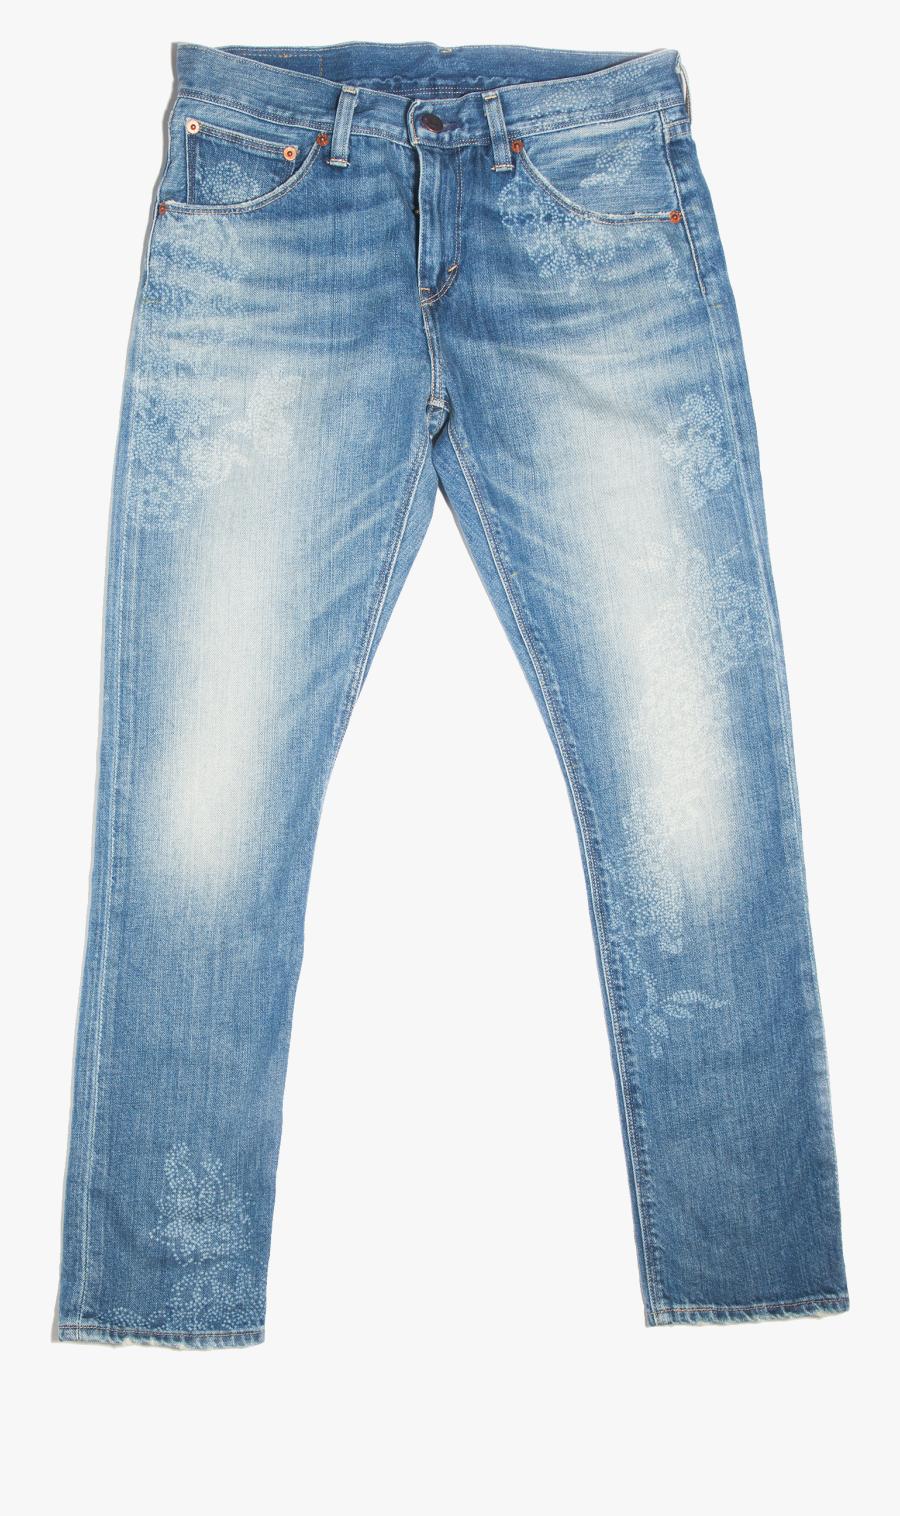 Jeans Clipart - Jeans Clipart - Jeans Png, Transparent Clipart